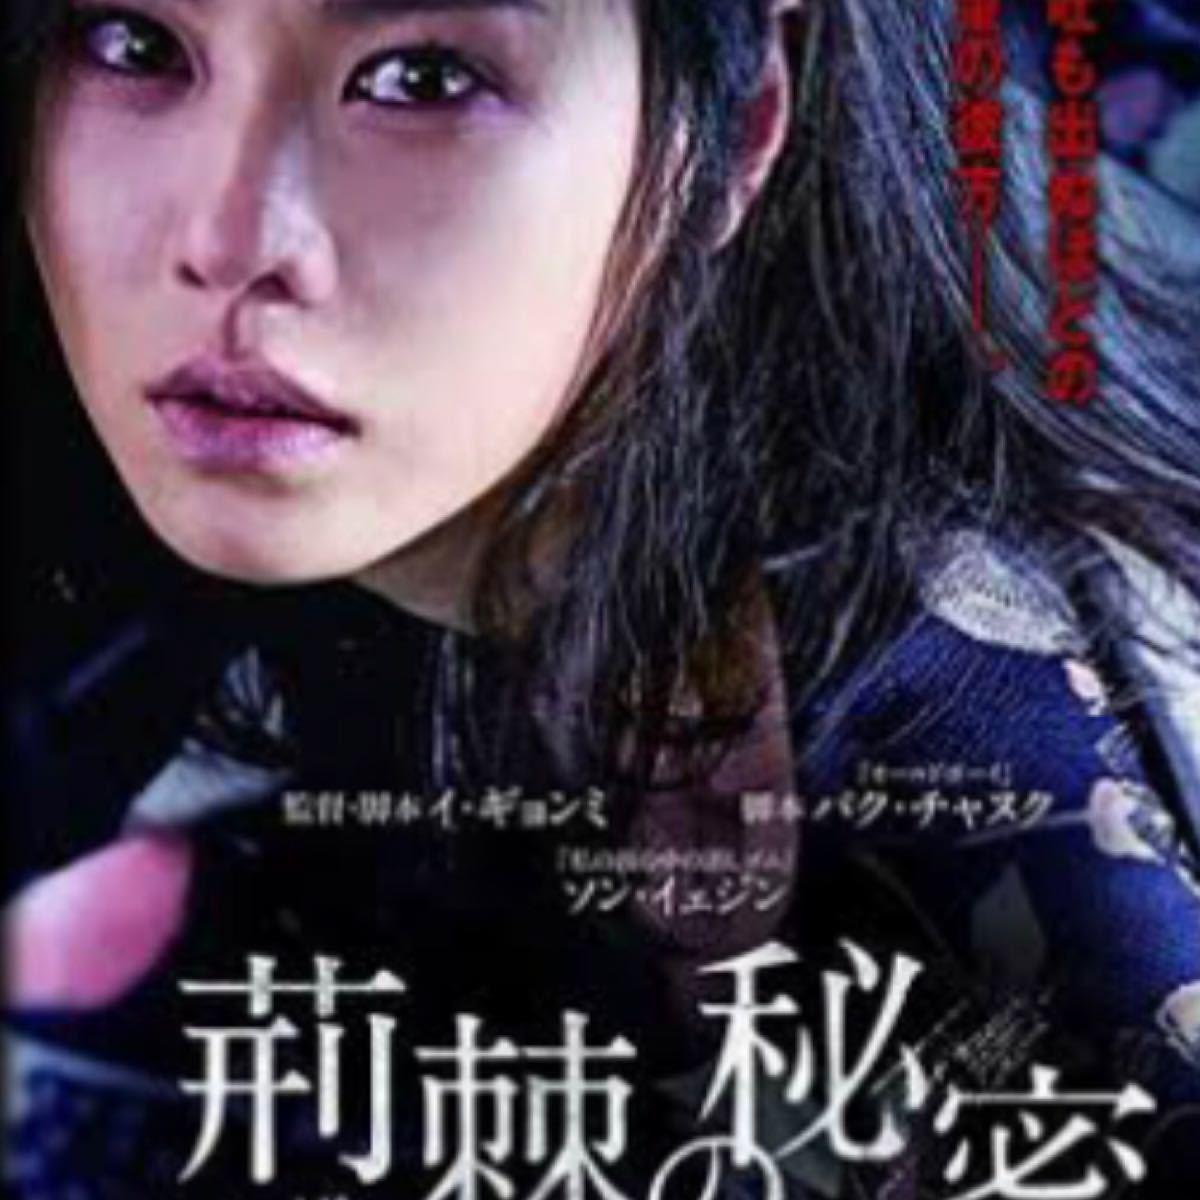 韓国映画  荊棘の秘密  ソン・イェジン  キム・ジュヒョク  DVD  日本語吹替有り  レーベル有り